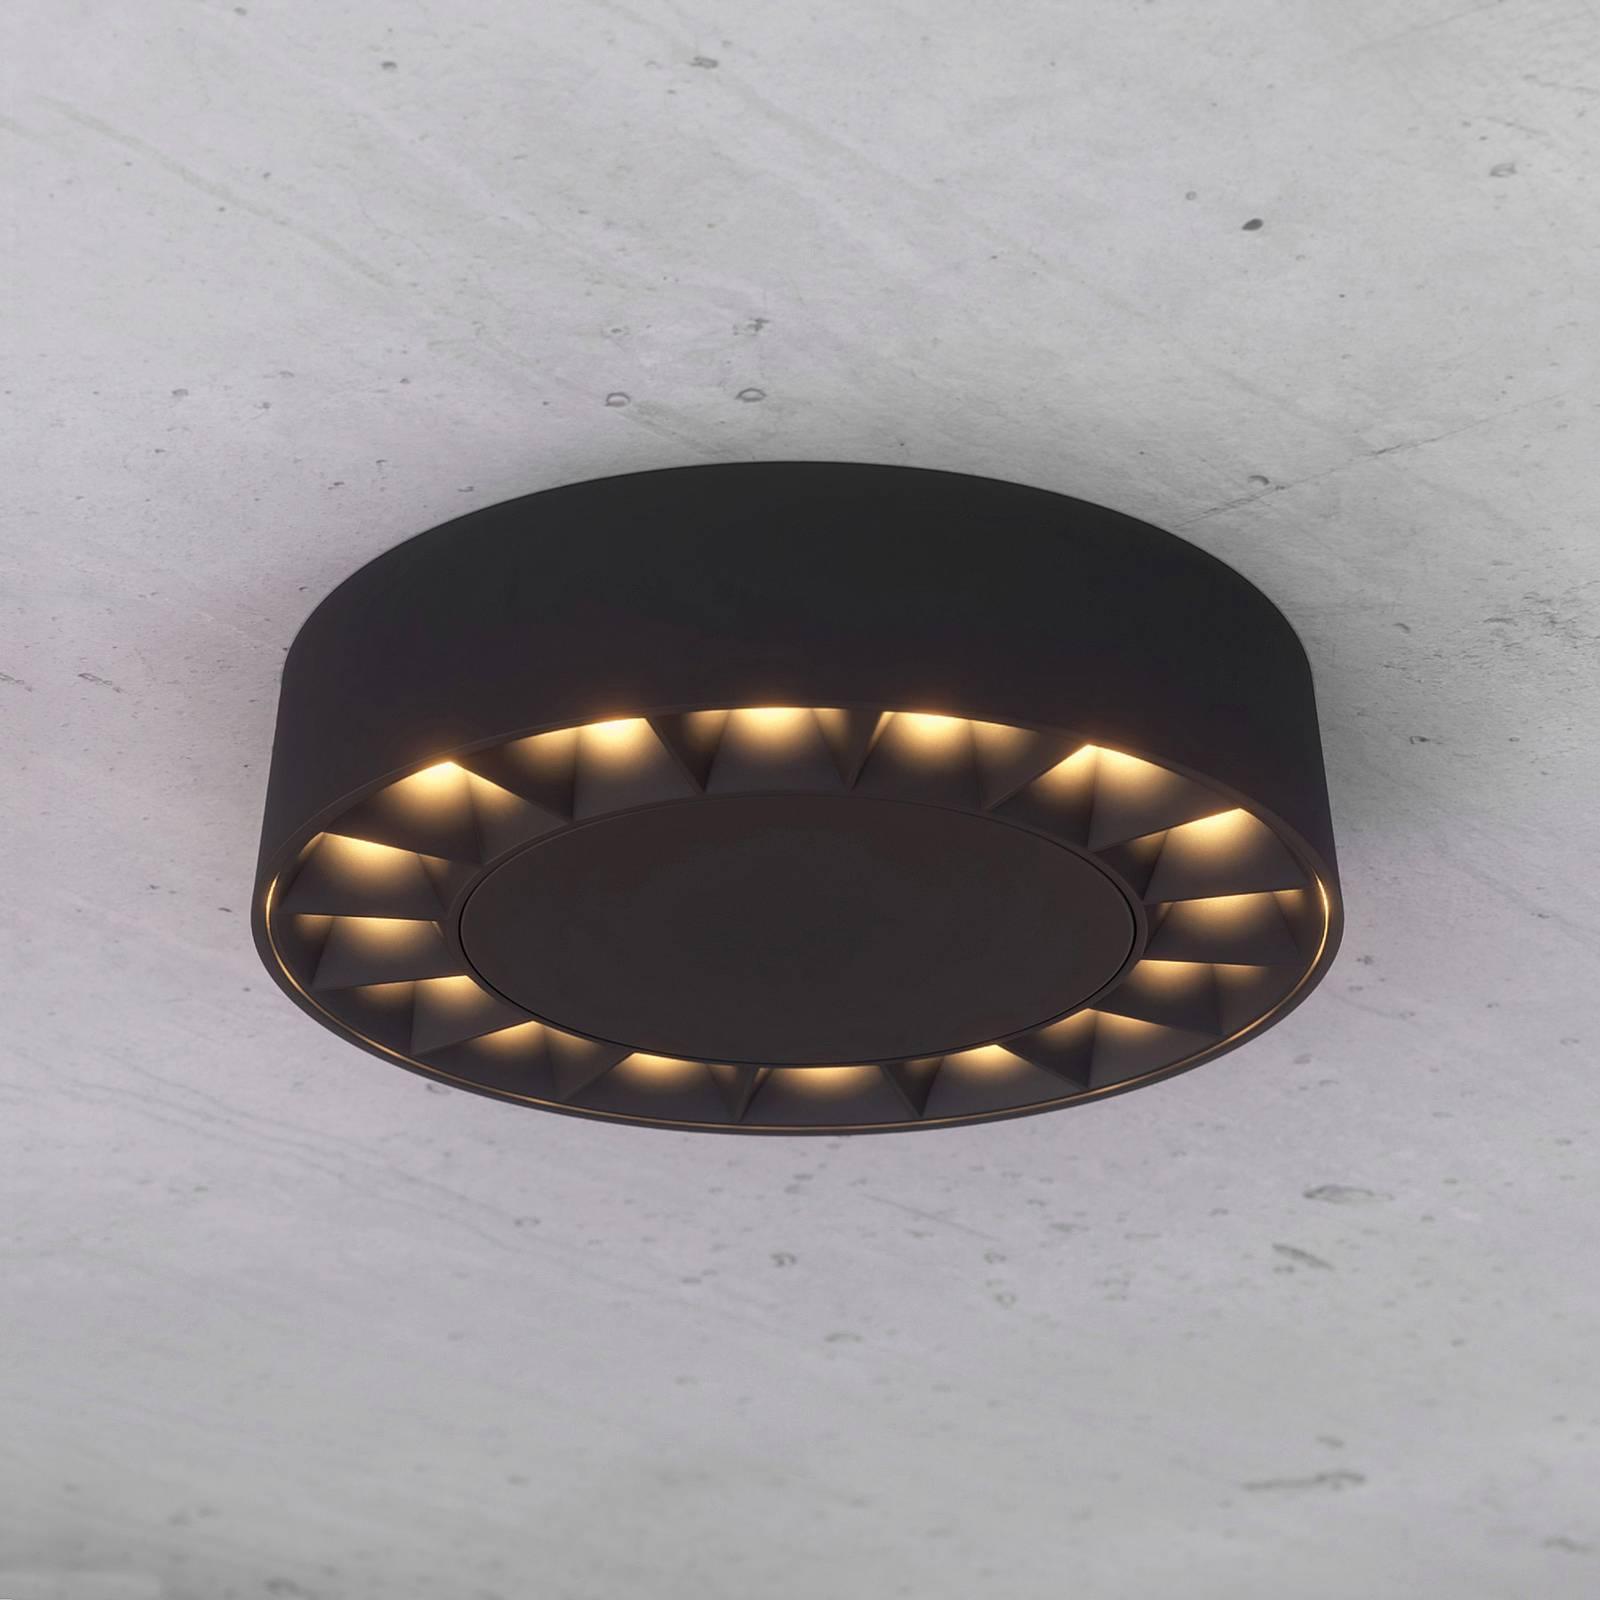 Lucande Kelissa-LED-ulkokattovalaisin musta pyöreä